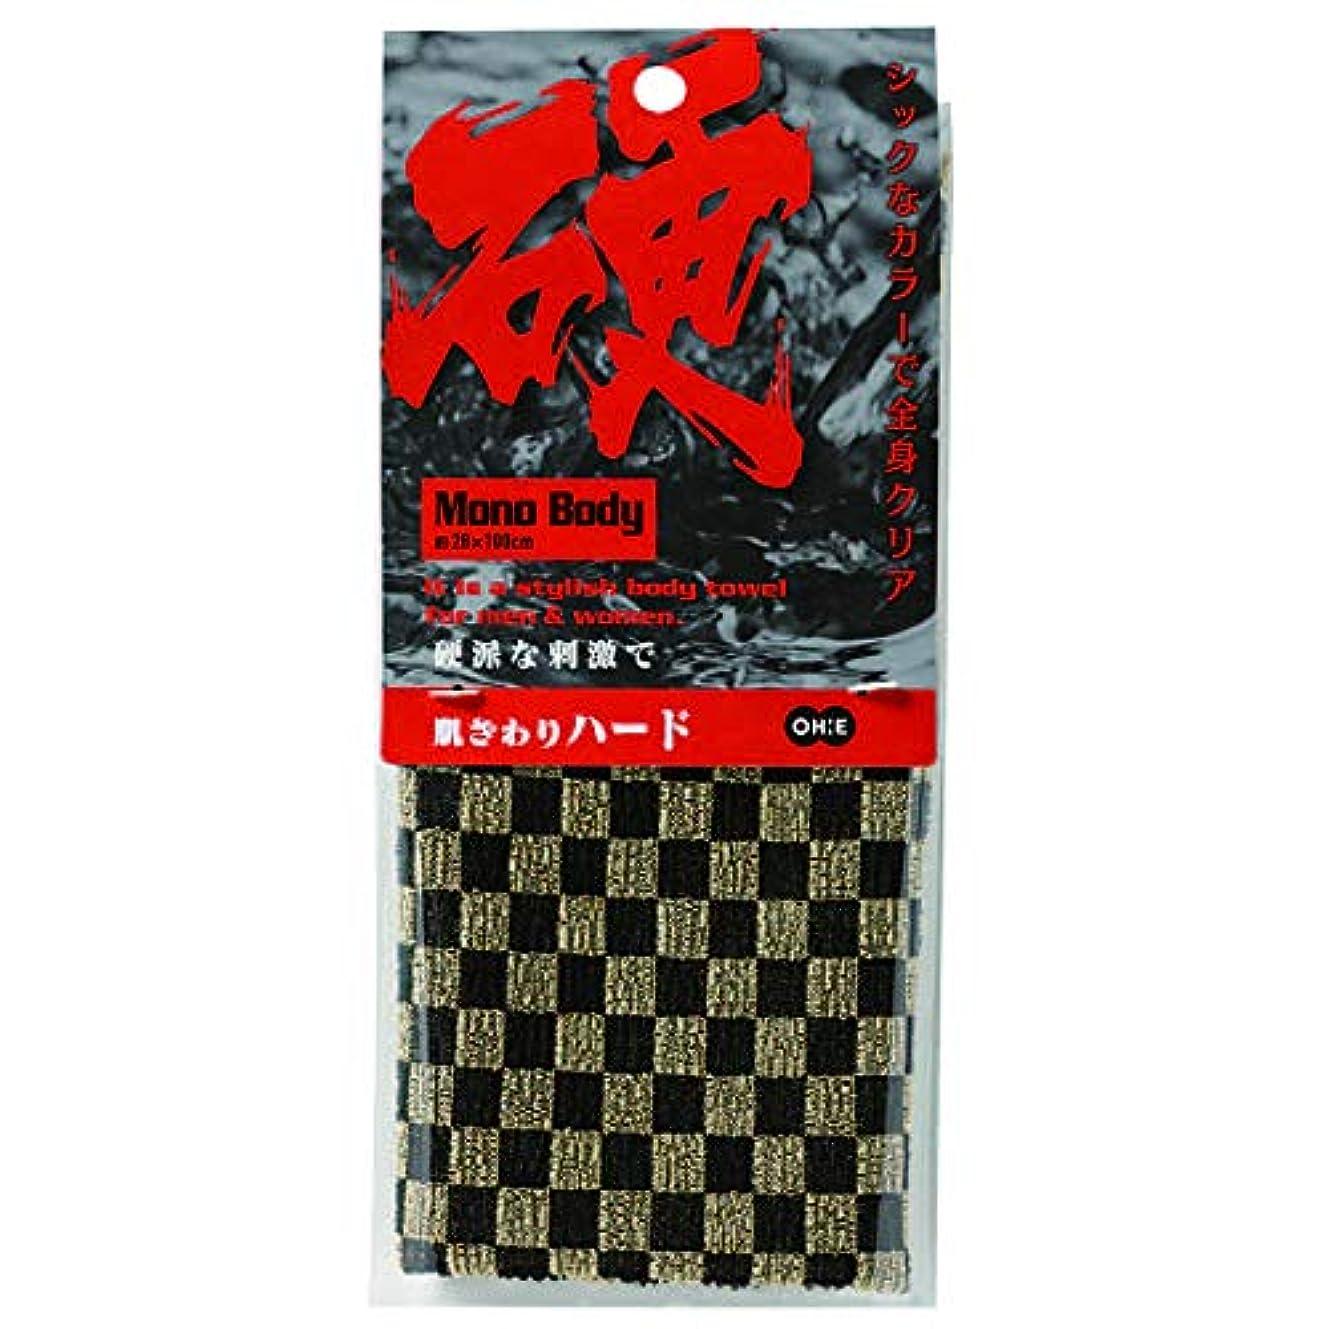 オーエ MB ナイロン タオル ハード チェック グレー 黒 約28×100cm 硬派な 刺激で 肌ざわり